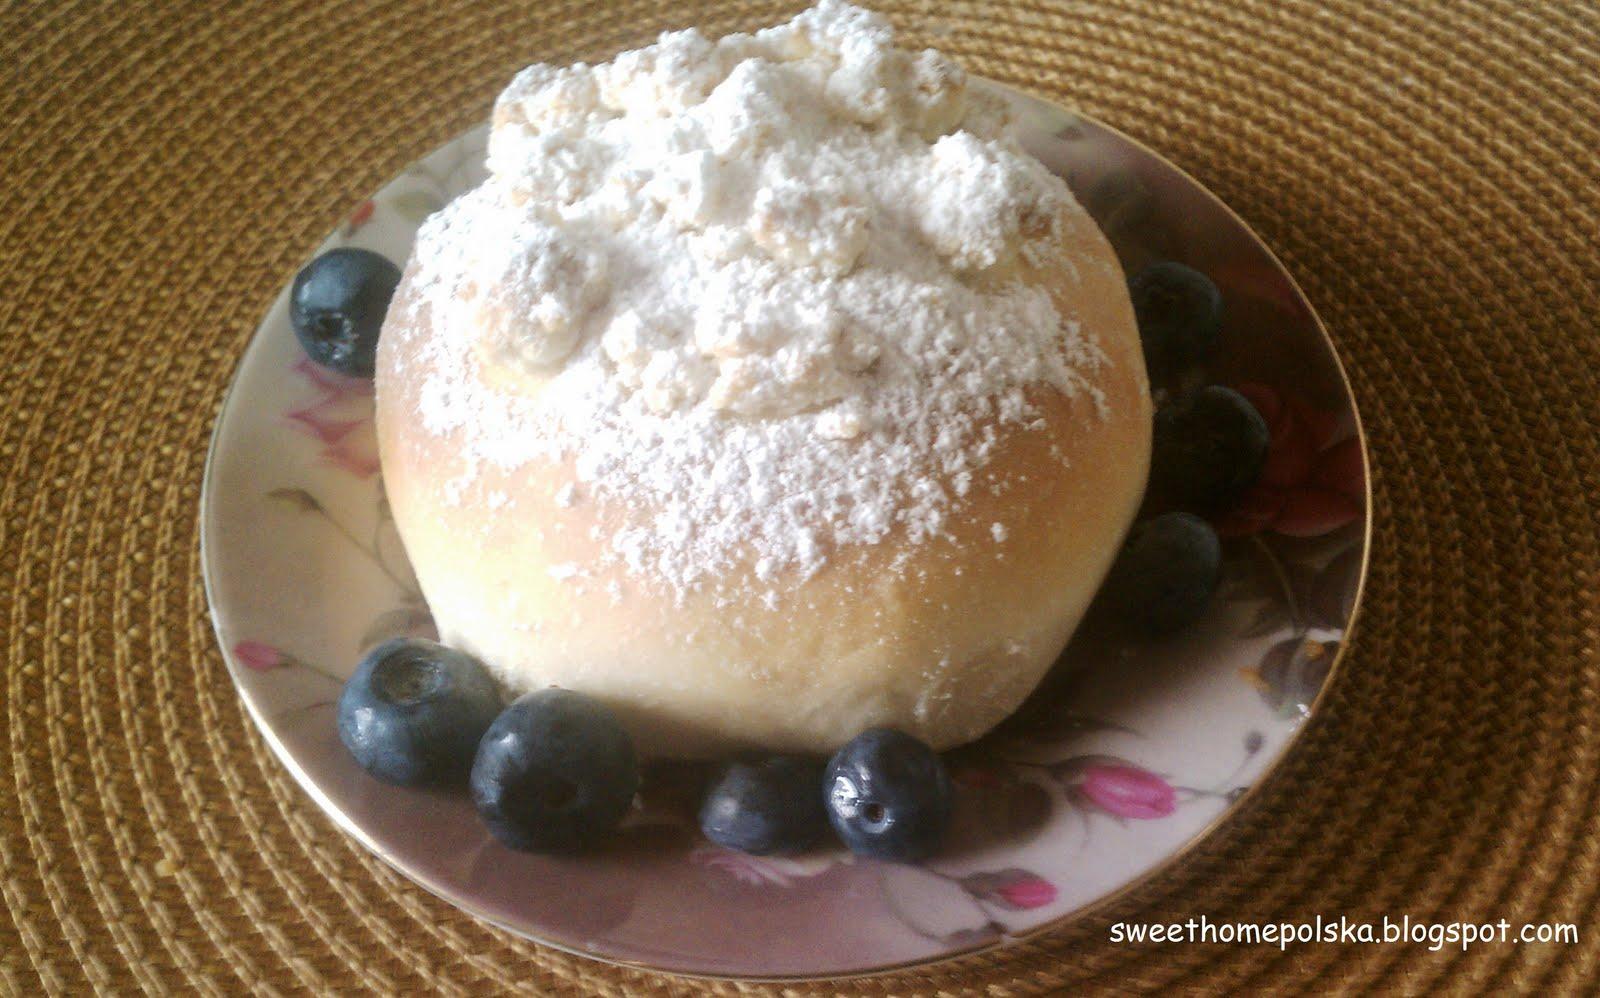 Polish Cake Recipes Uk: Polish Desserts